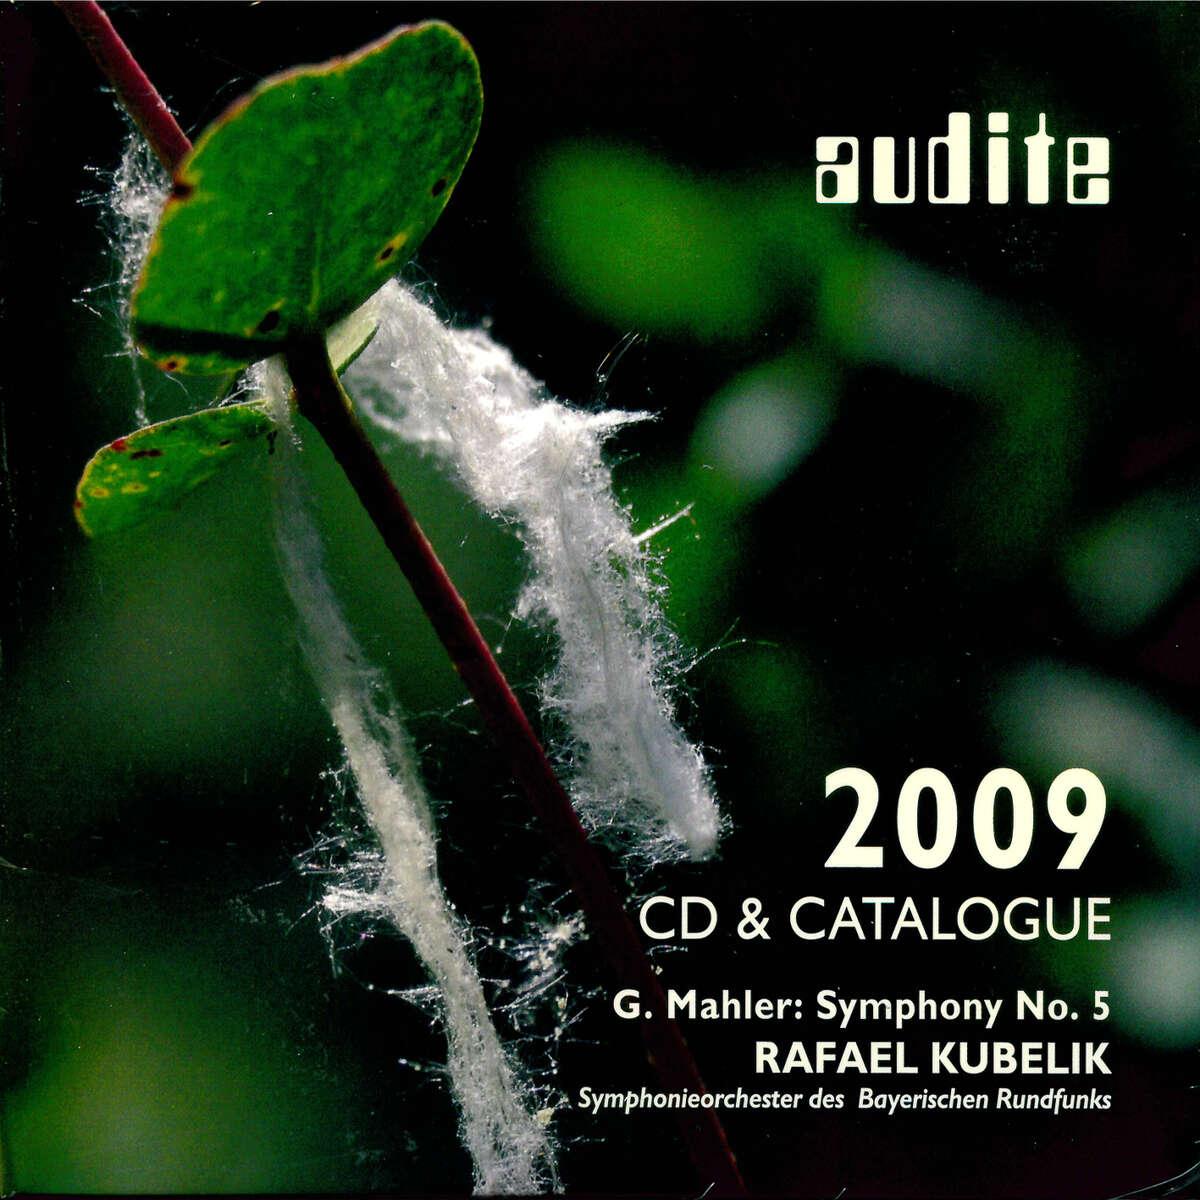 audite catalogue 2009 & CD - G. Mahler: Symphony No. 5